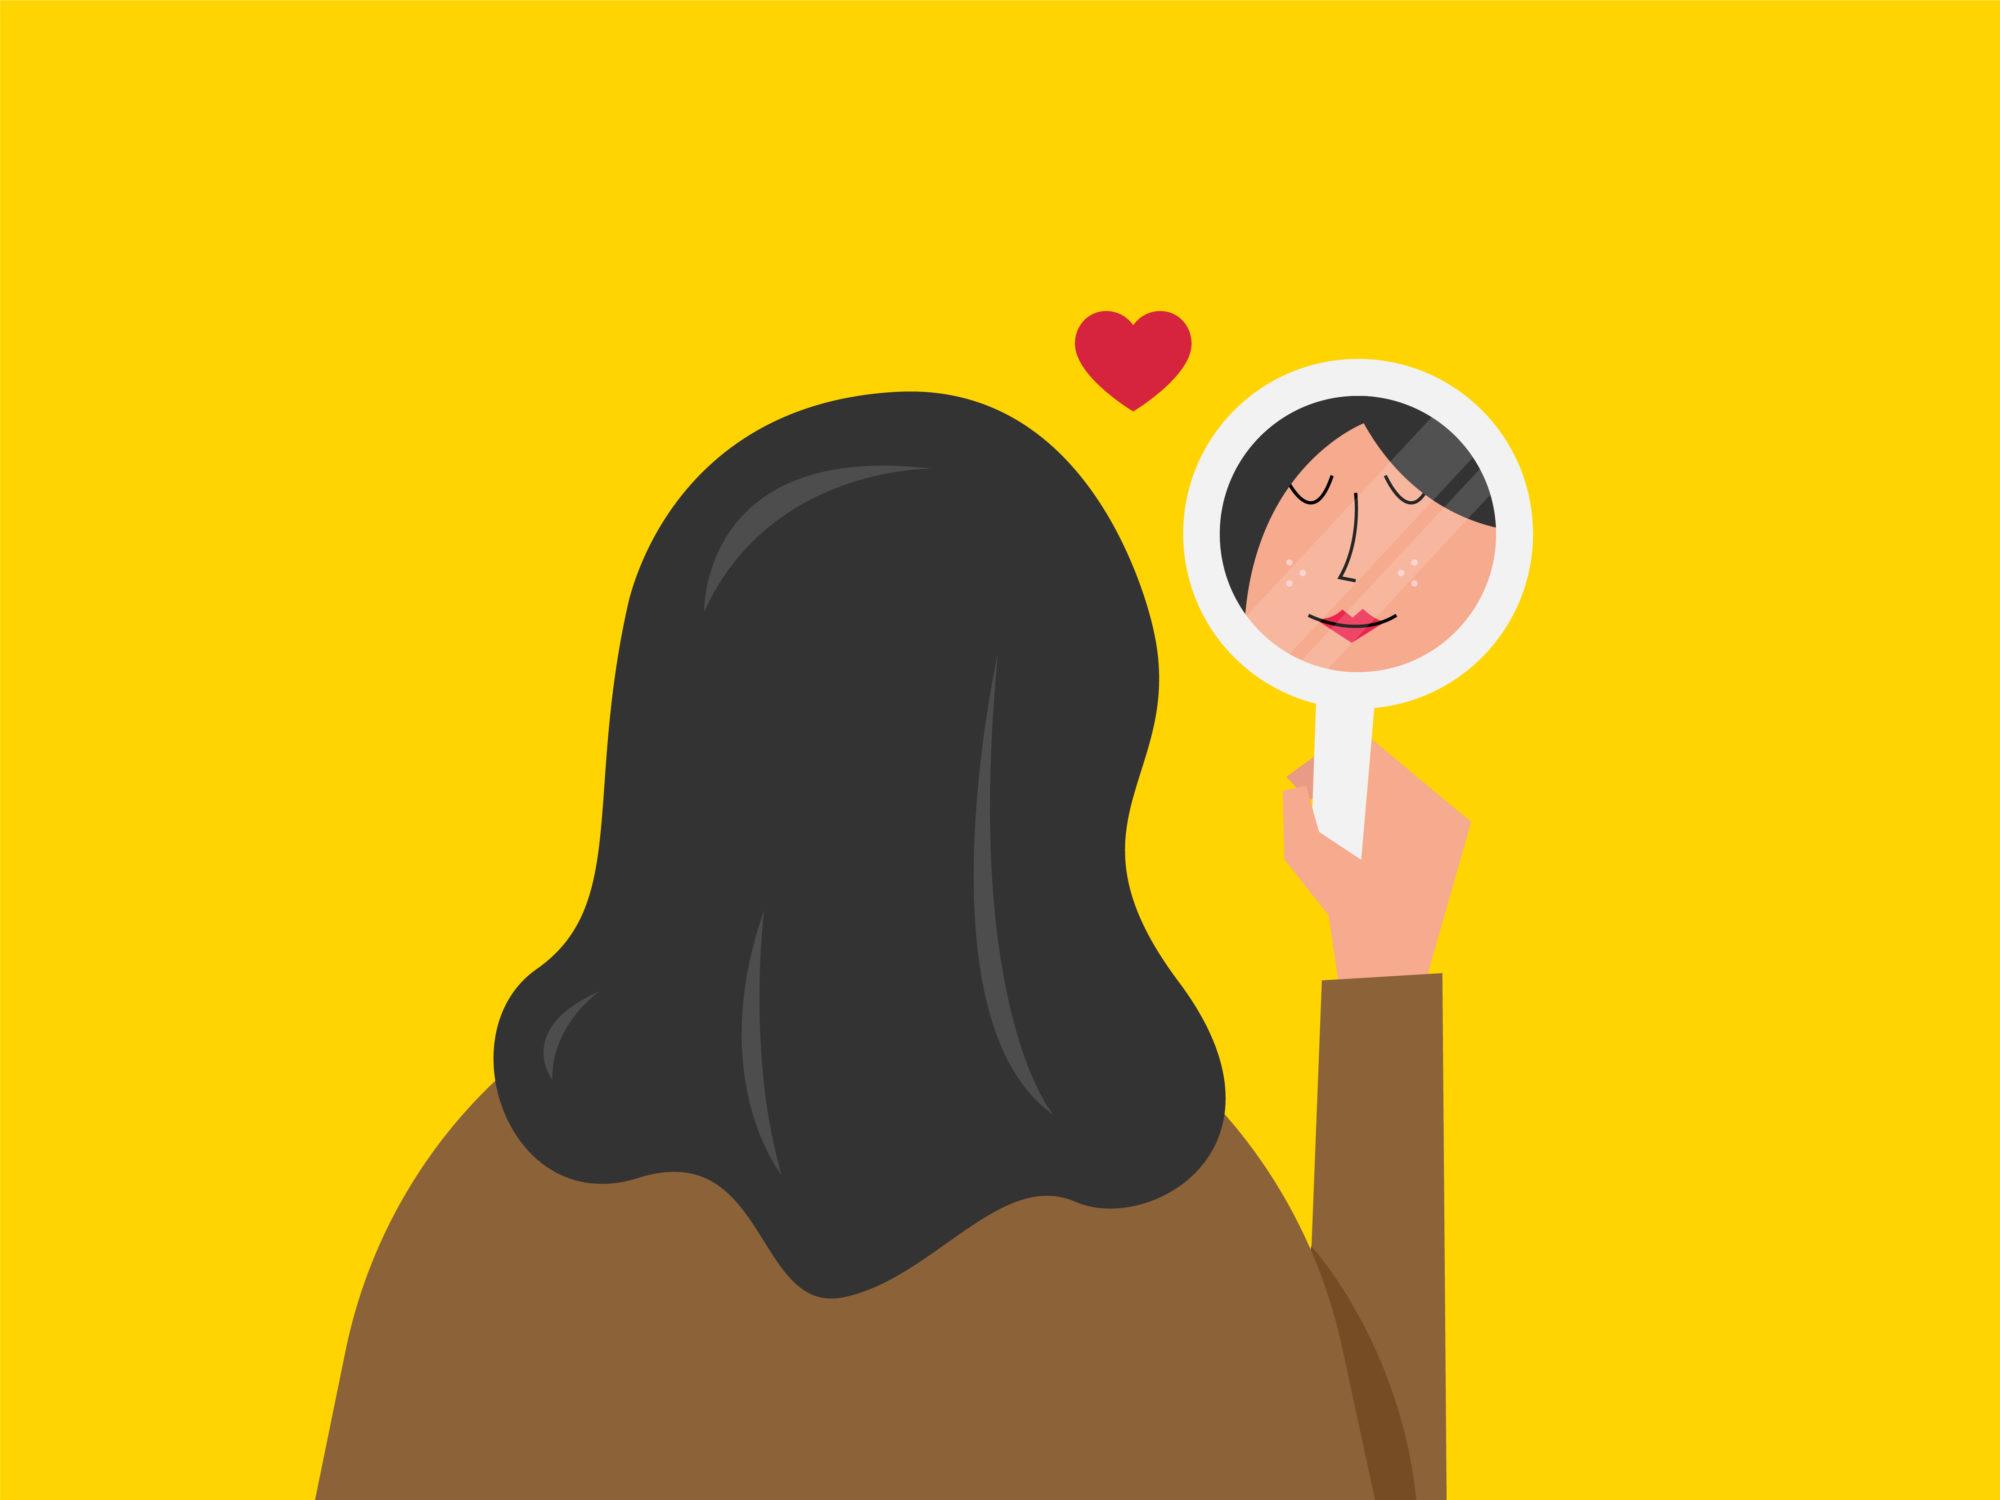 ToMo] 7 Cách Bộc Lộ Bản Thân Giúp Bạn Kết Nối Sâu Sắc Hơn Với Người Khác -  YBOX